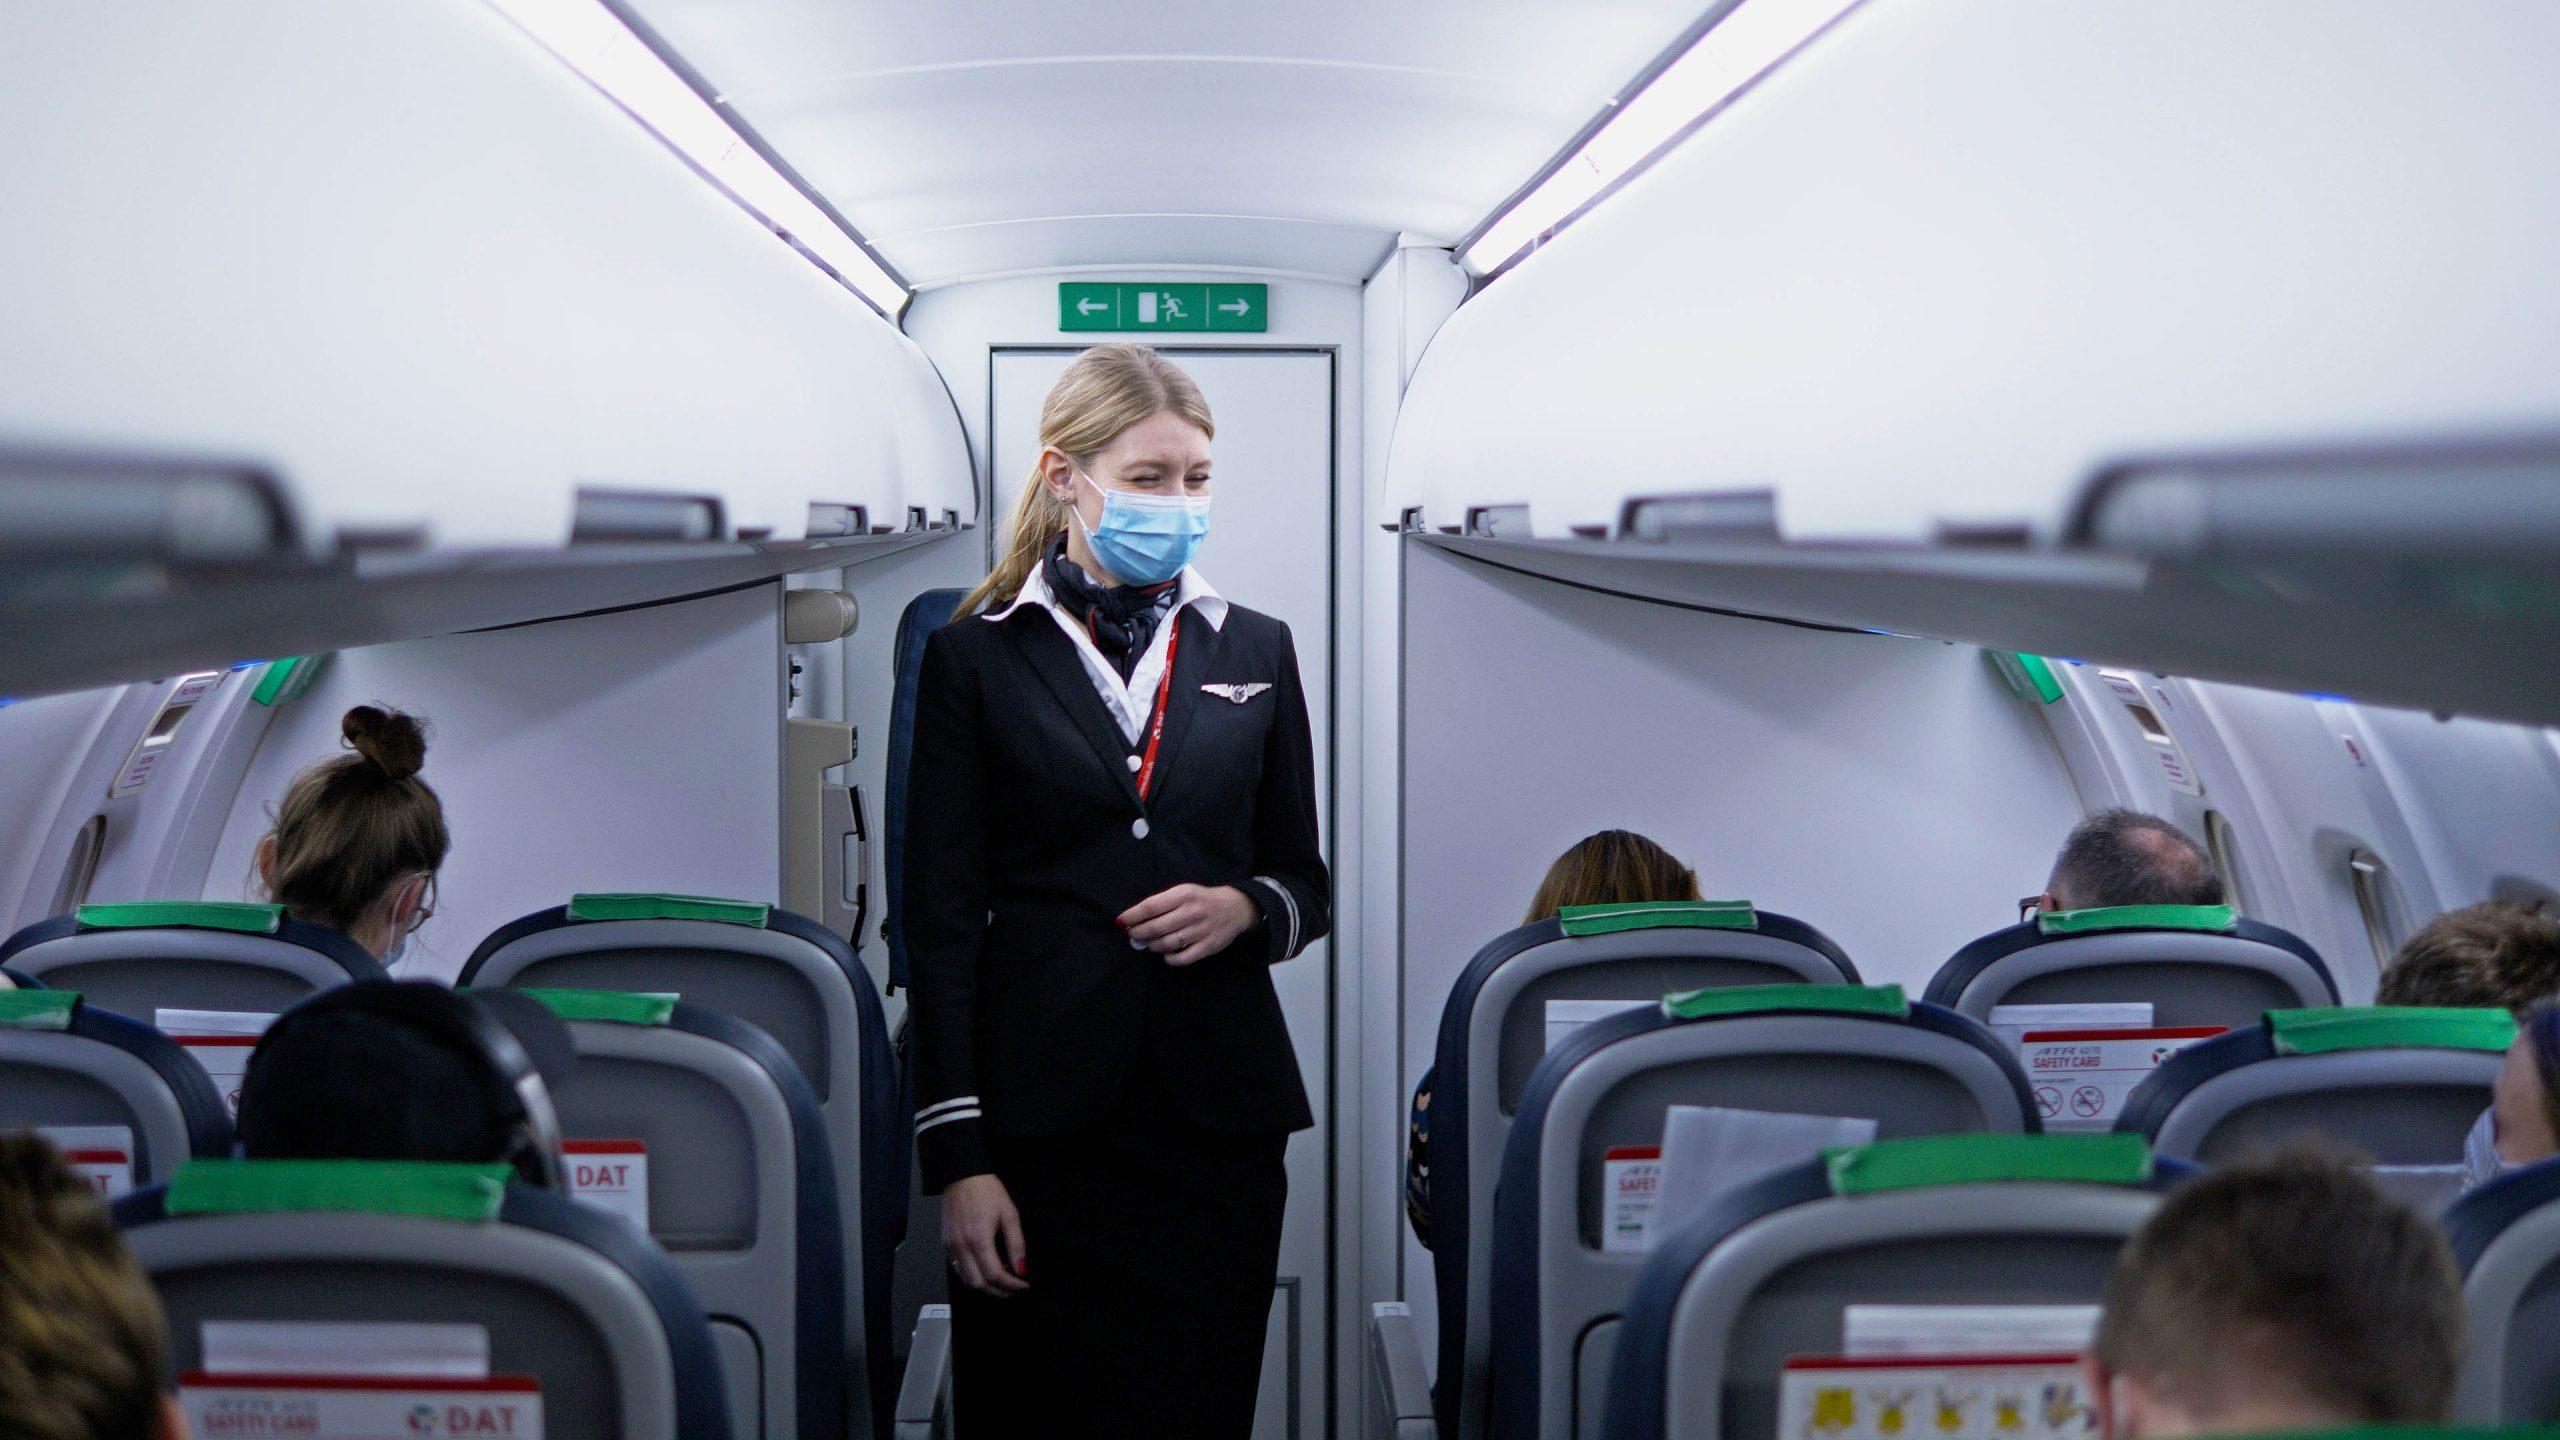 Alle dele af rejsebranchen synes klar til at genoptage rejser på et sundhedsforsvarligt niveau. Arkivpressefoto: DAT.